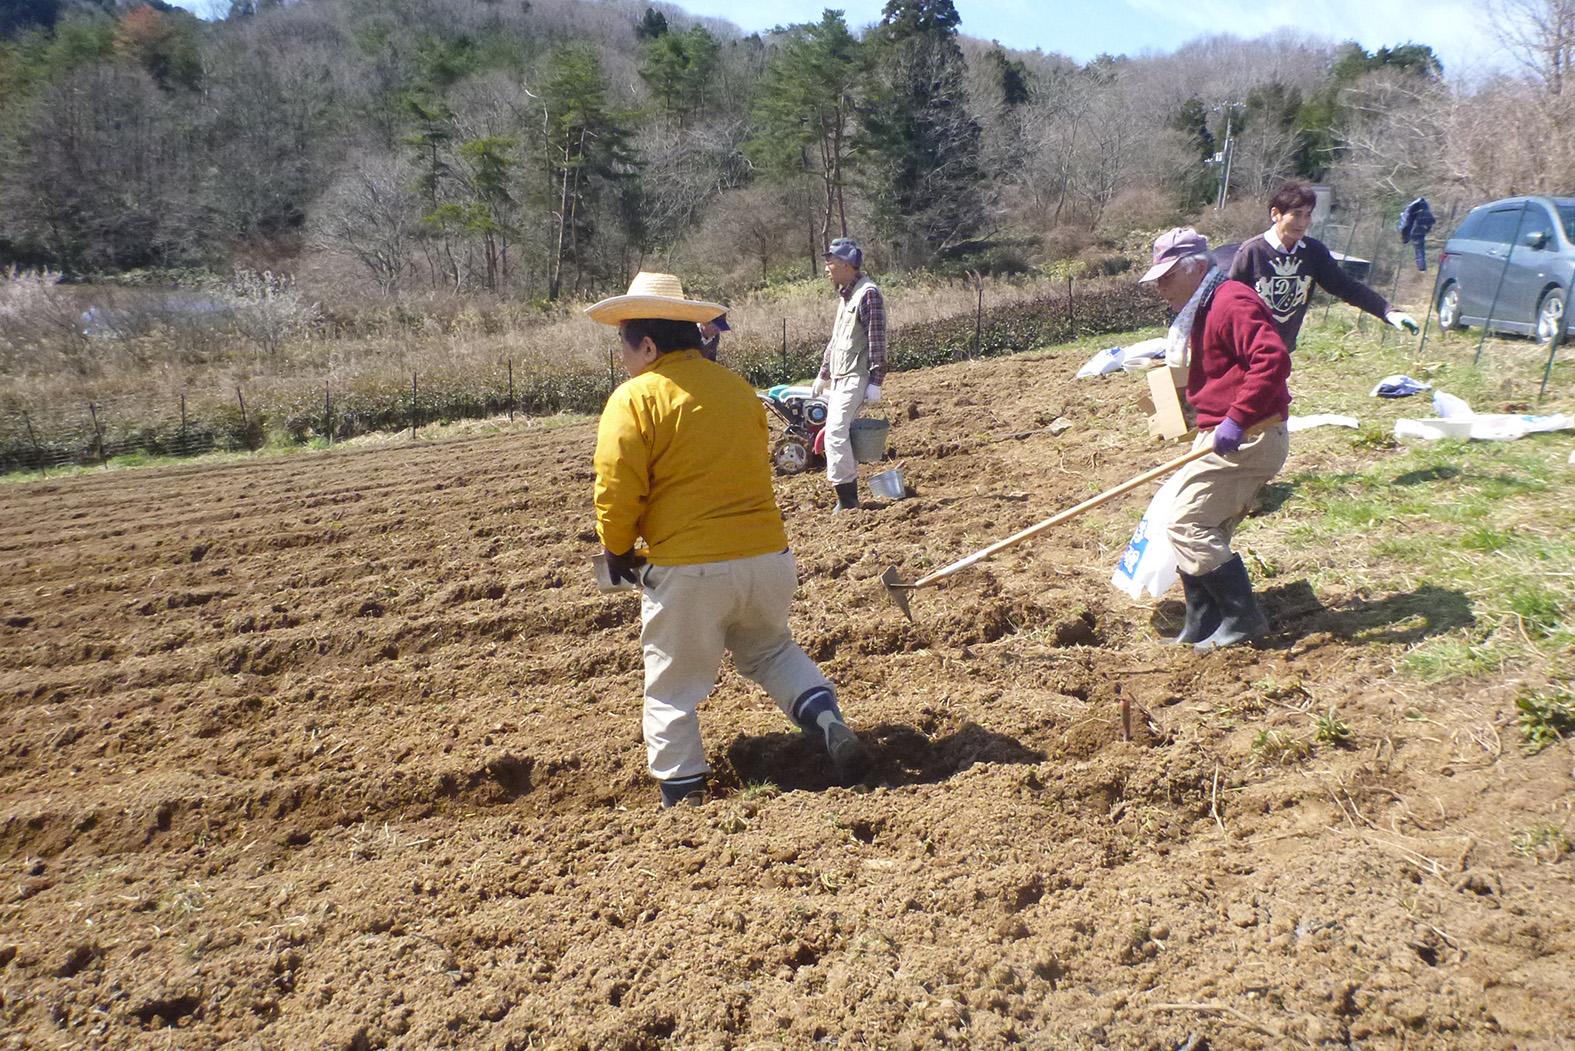 耕作放棄地でジャガイモの植え付けに取り組むメンバー=2018年3月、奈良市(きみかげの森提供)